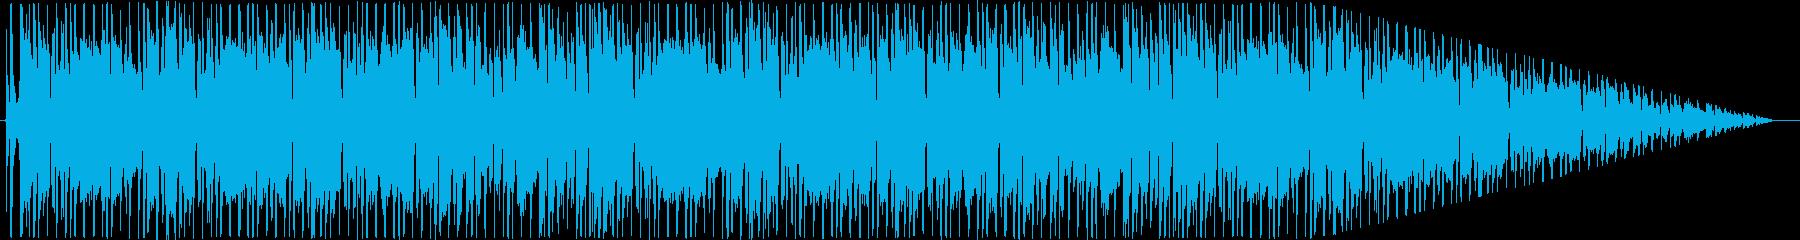 ポップ。コード、ジェネリック:映画...の再生済みの波形